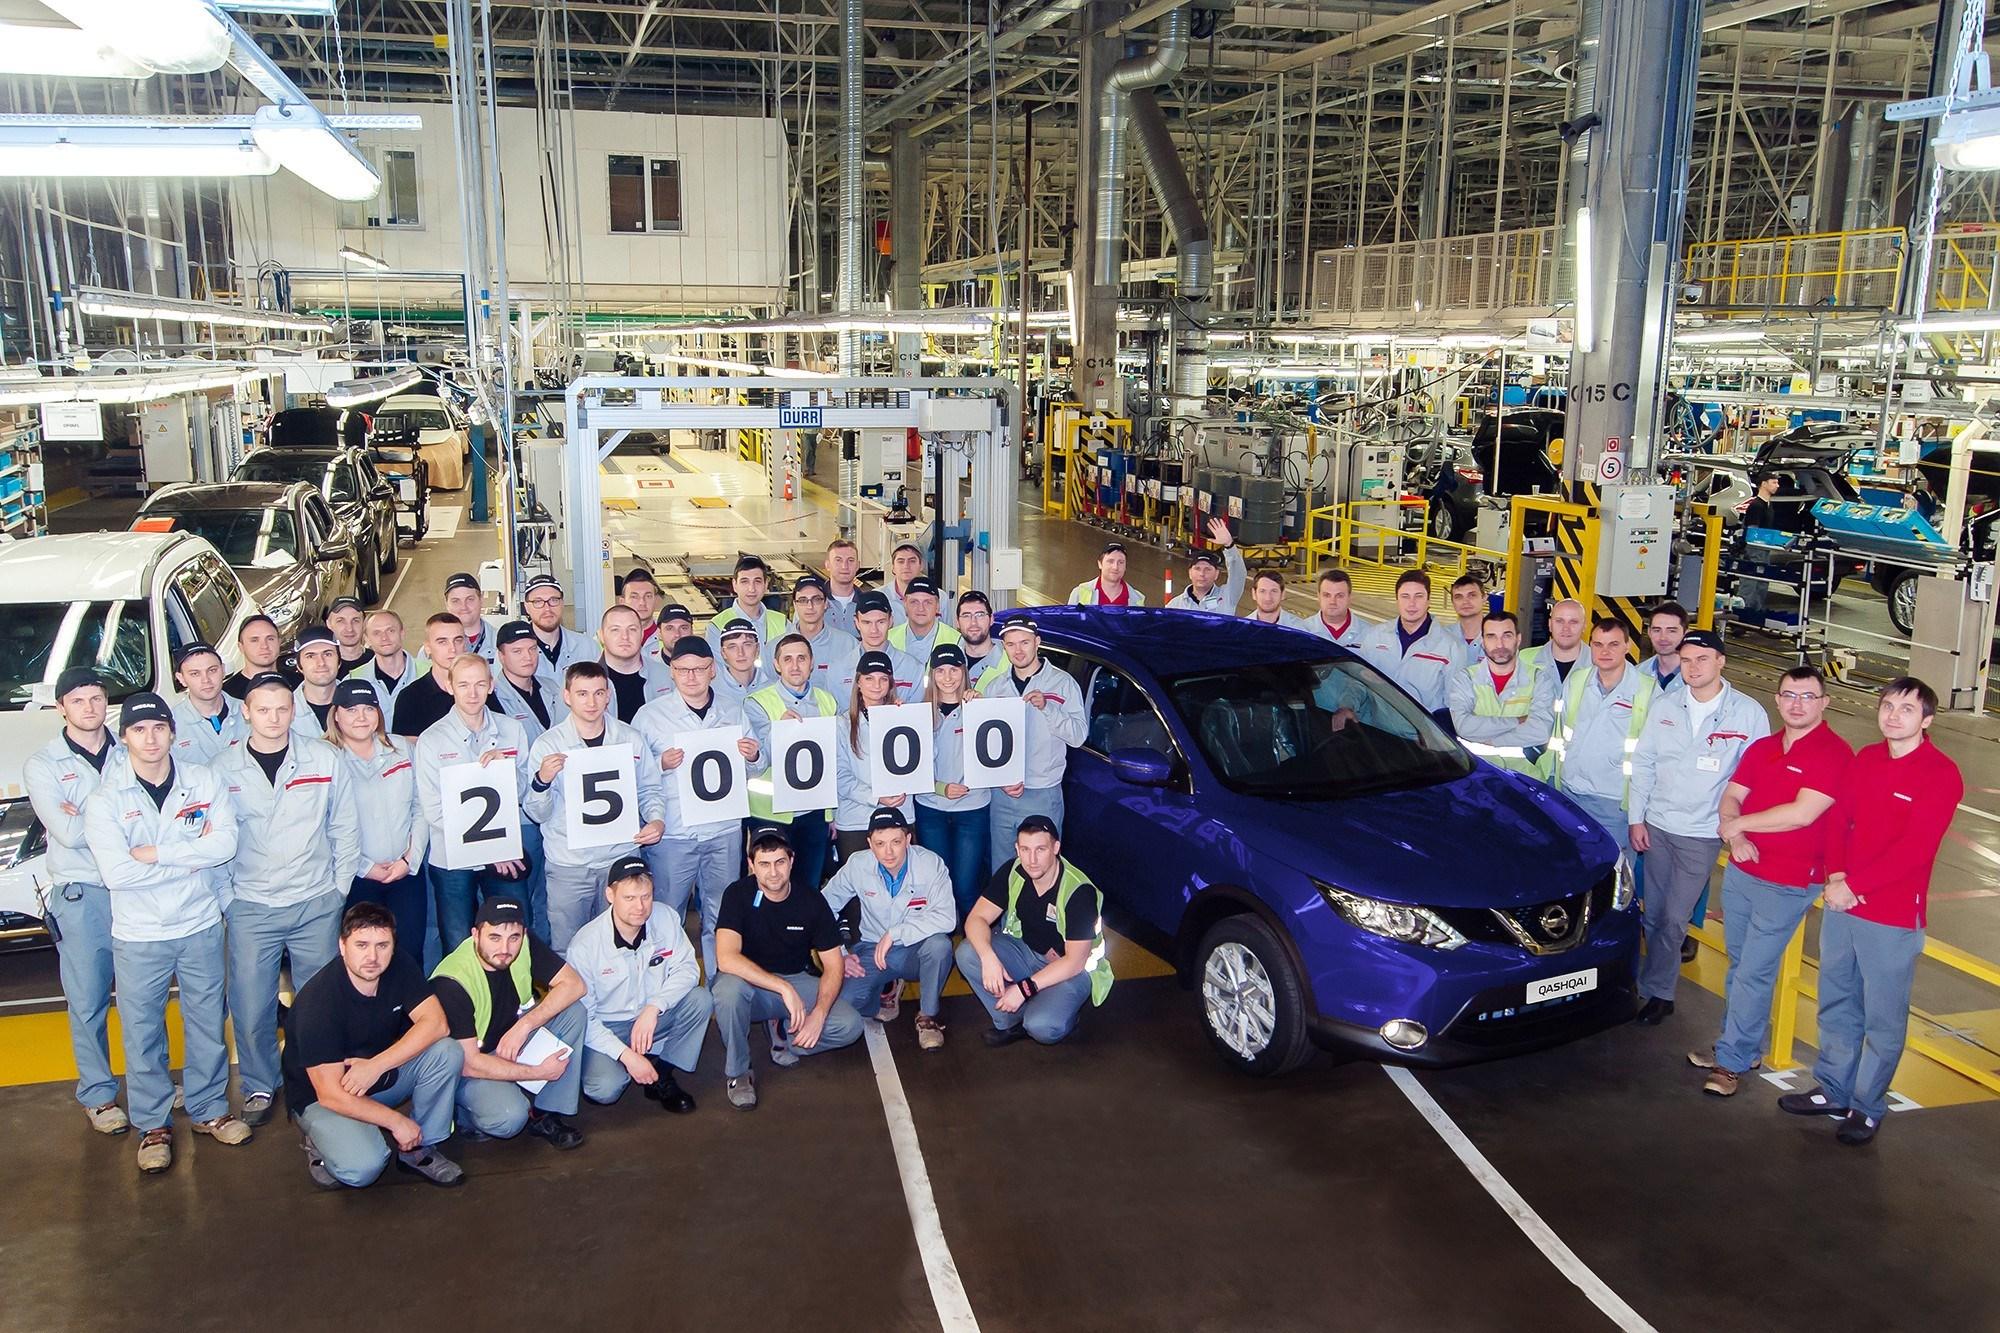 Nissan празднует выпуск юбилейного автомобиля на заводе в Санкт-Петербурге